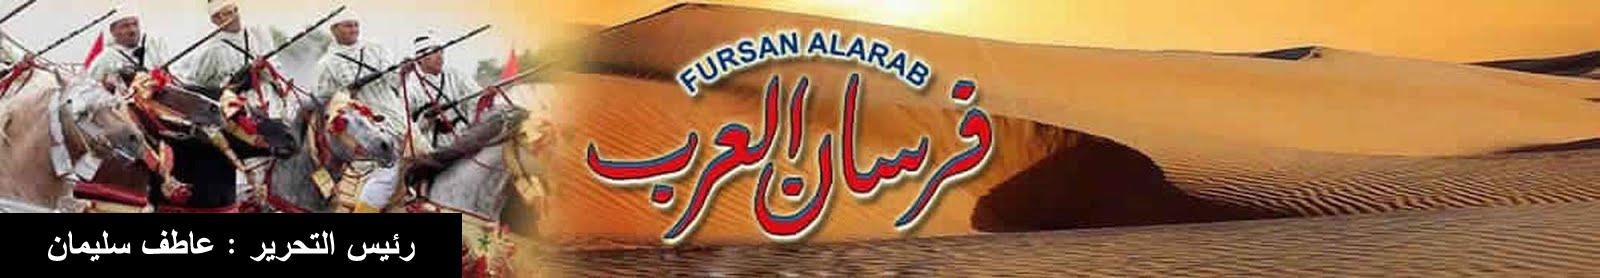 fursanalarab